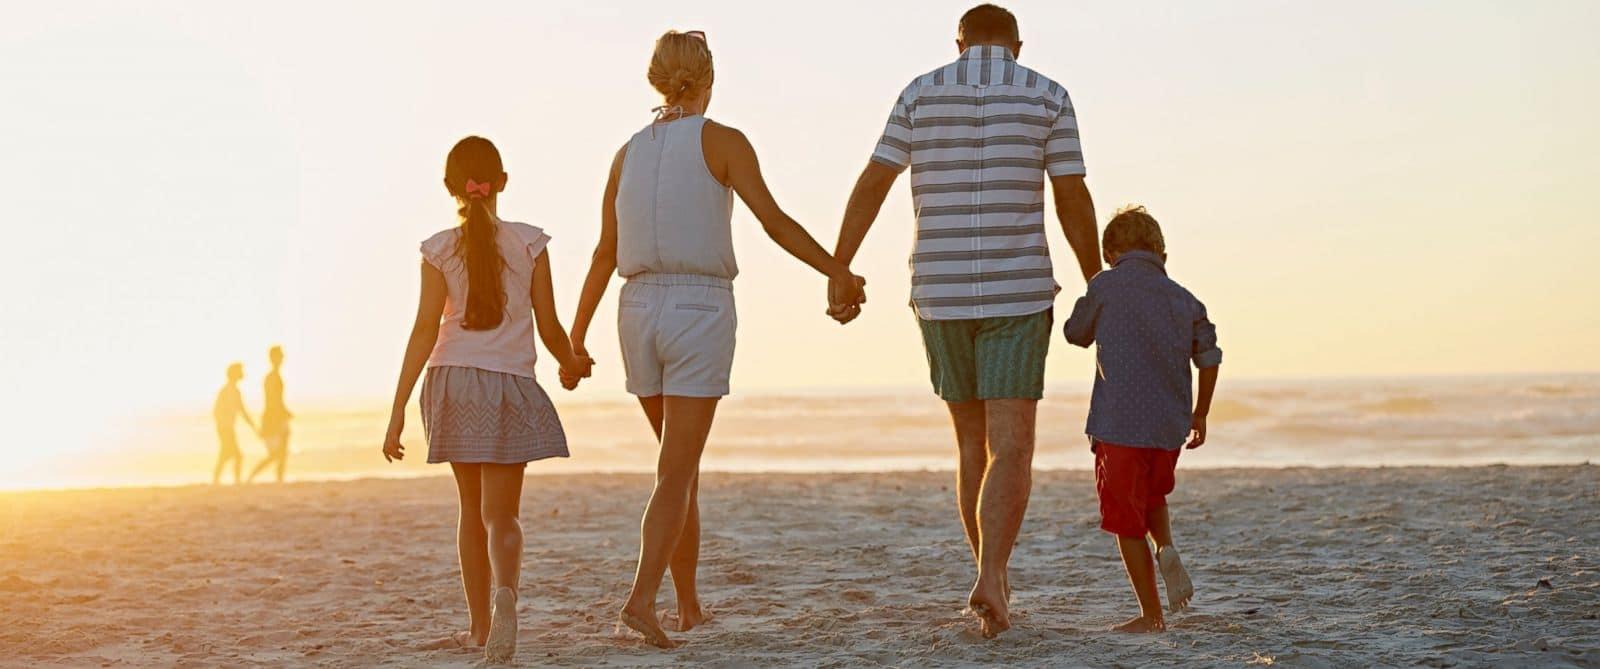 Поддержка родных и близких – важная составляющая успешной борьбы с пагубной зависимостью